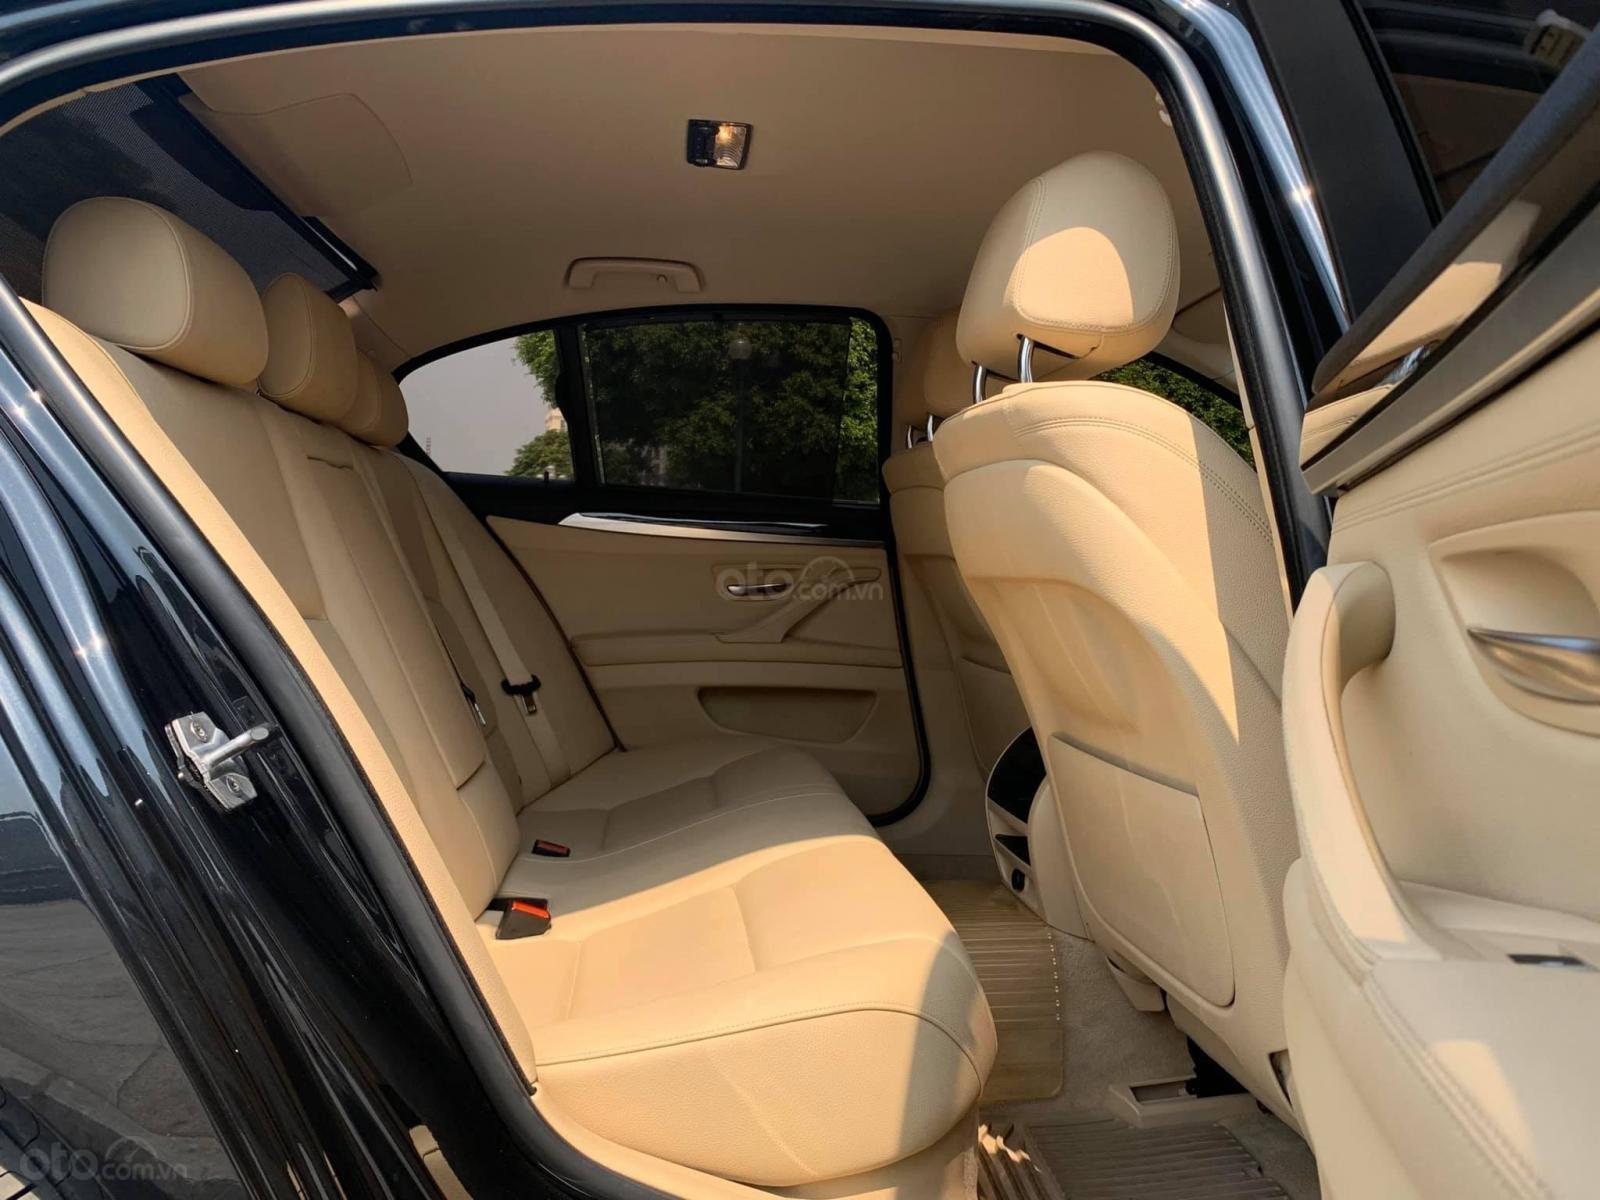 Bán xe BMW 520i đời 2014, màu đen, nhập khẩu (6)